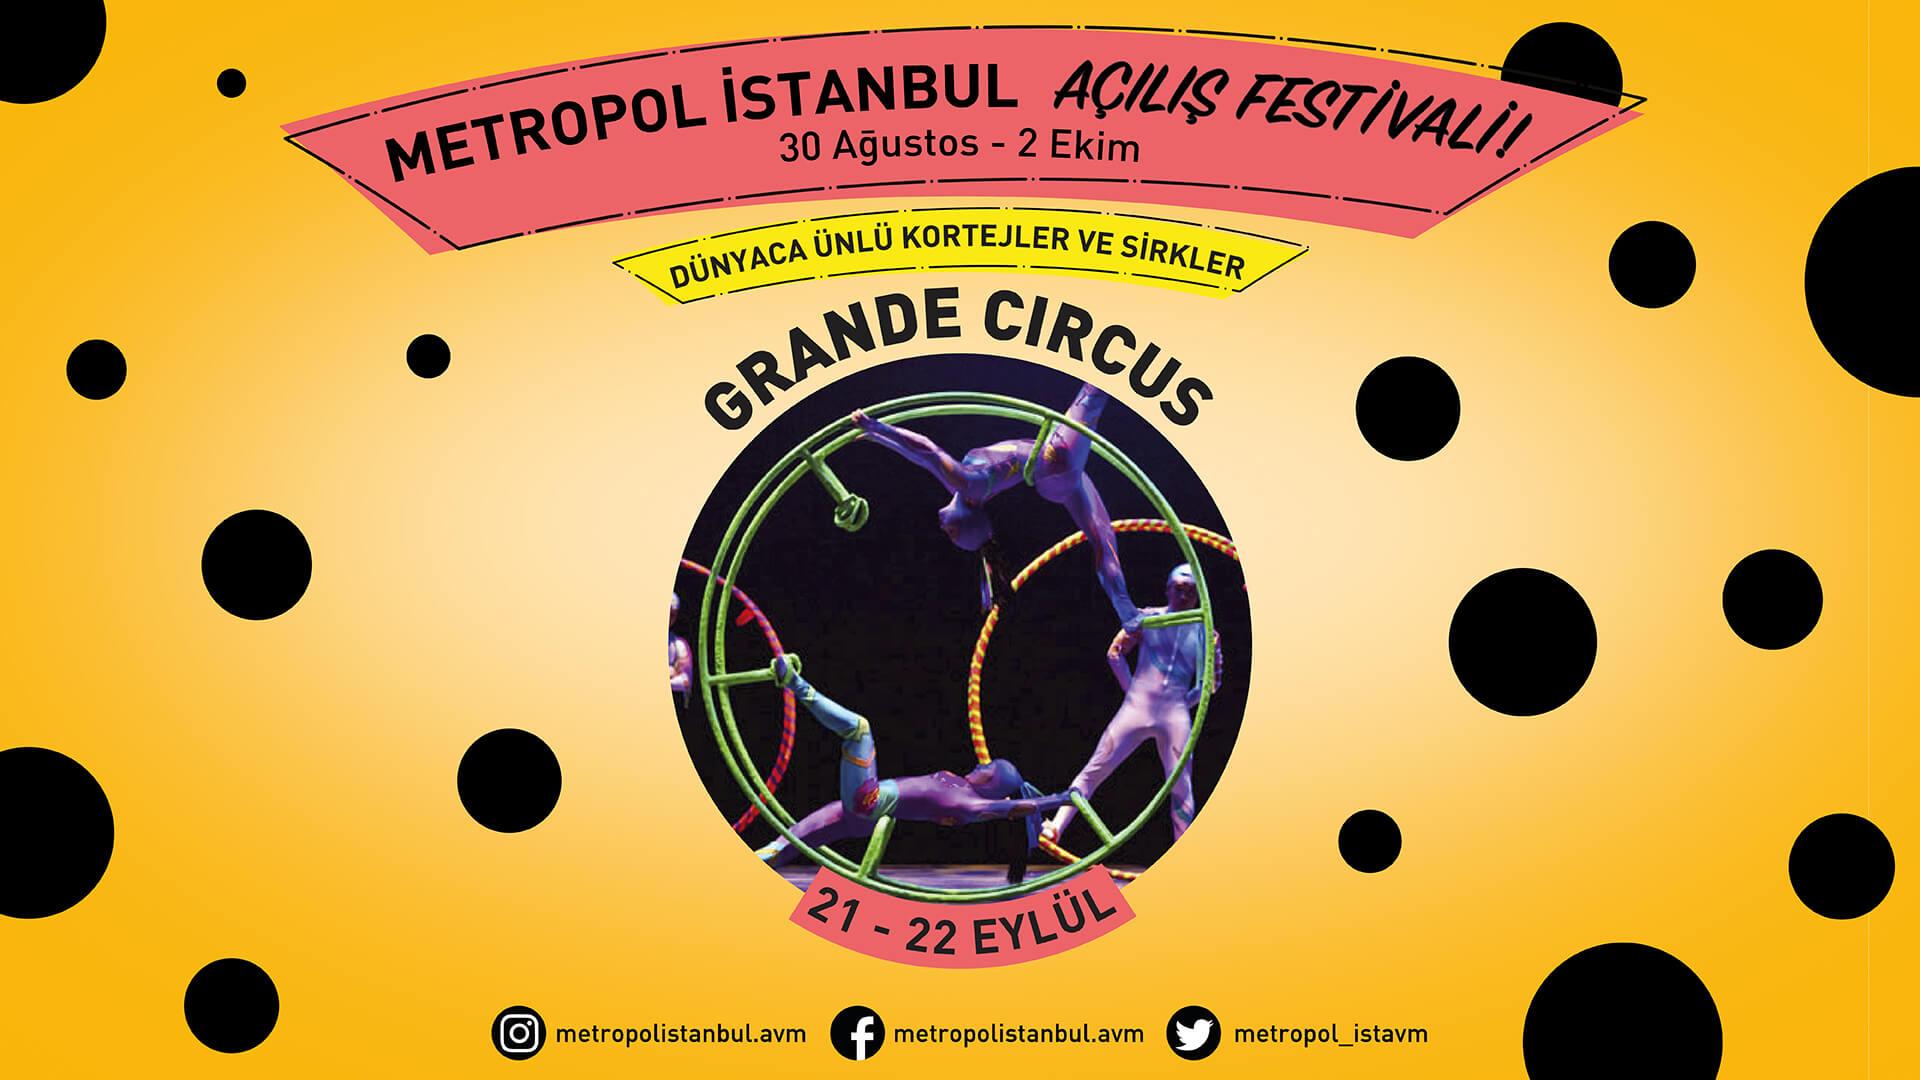 Grande Circus